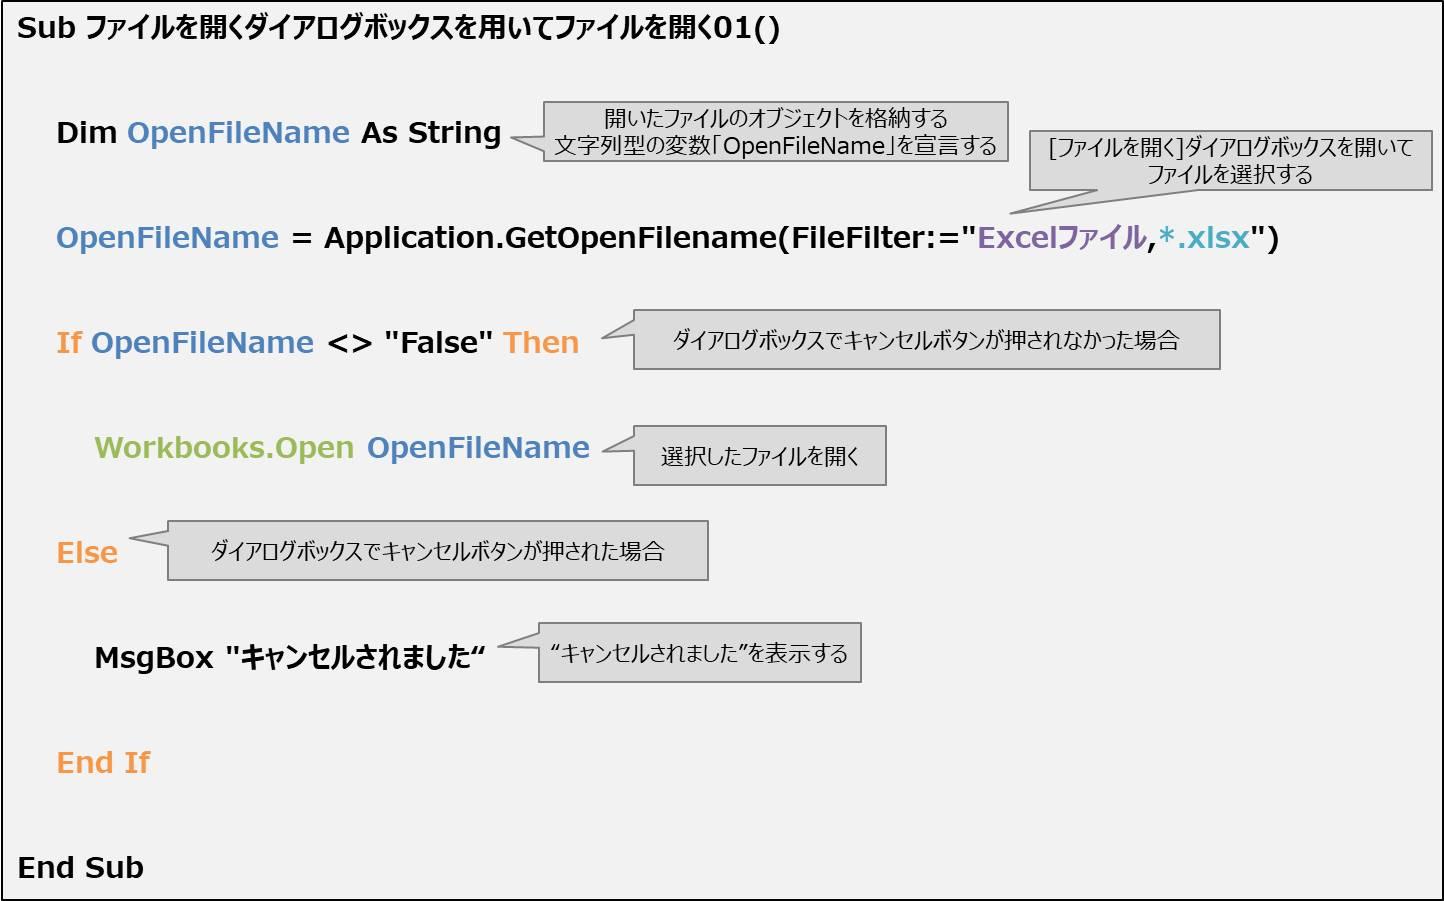 [ファイルを開く]ダイアログボックスを用いてファイルを開くプログラム